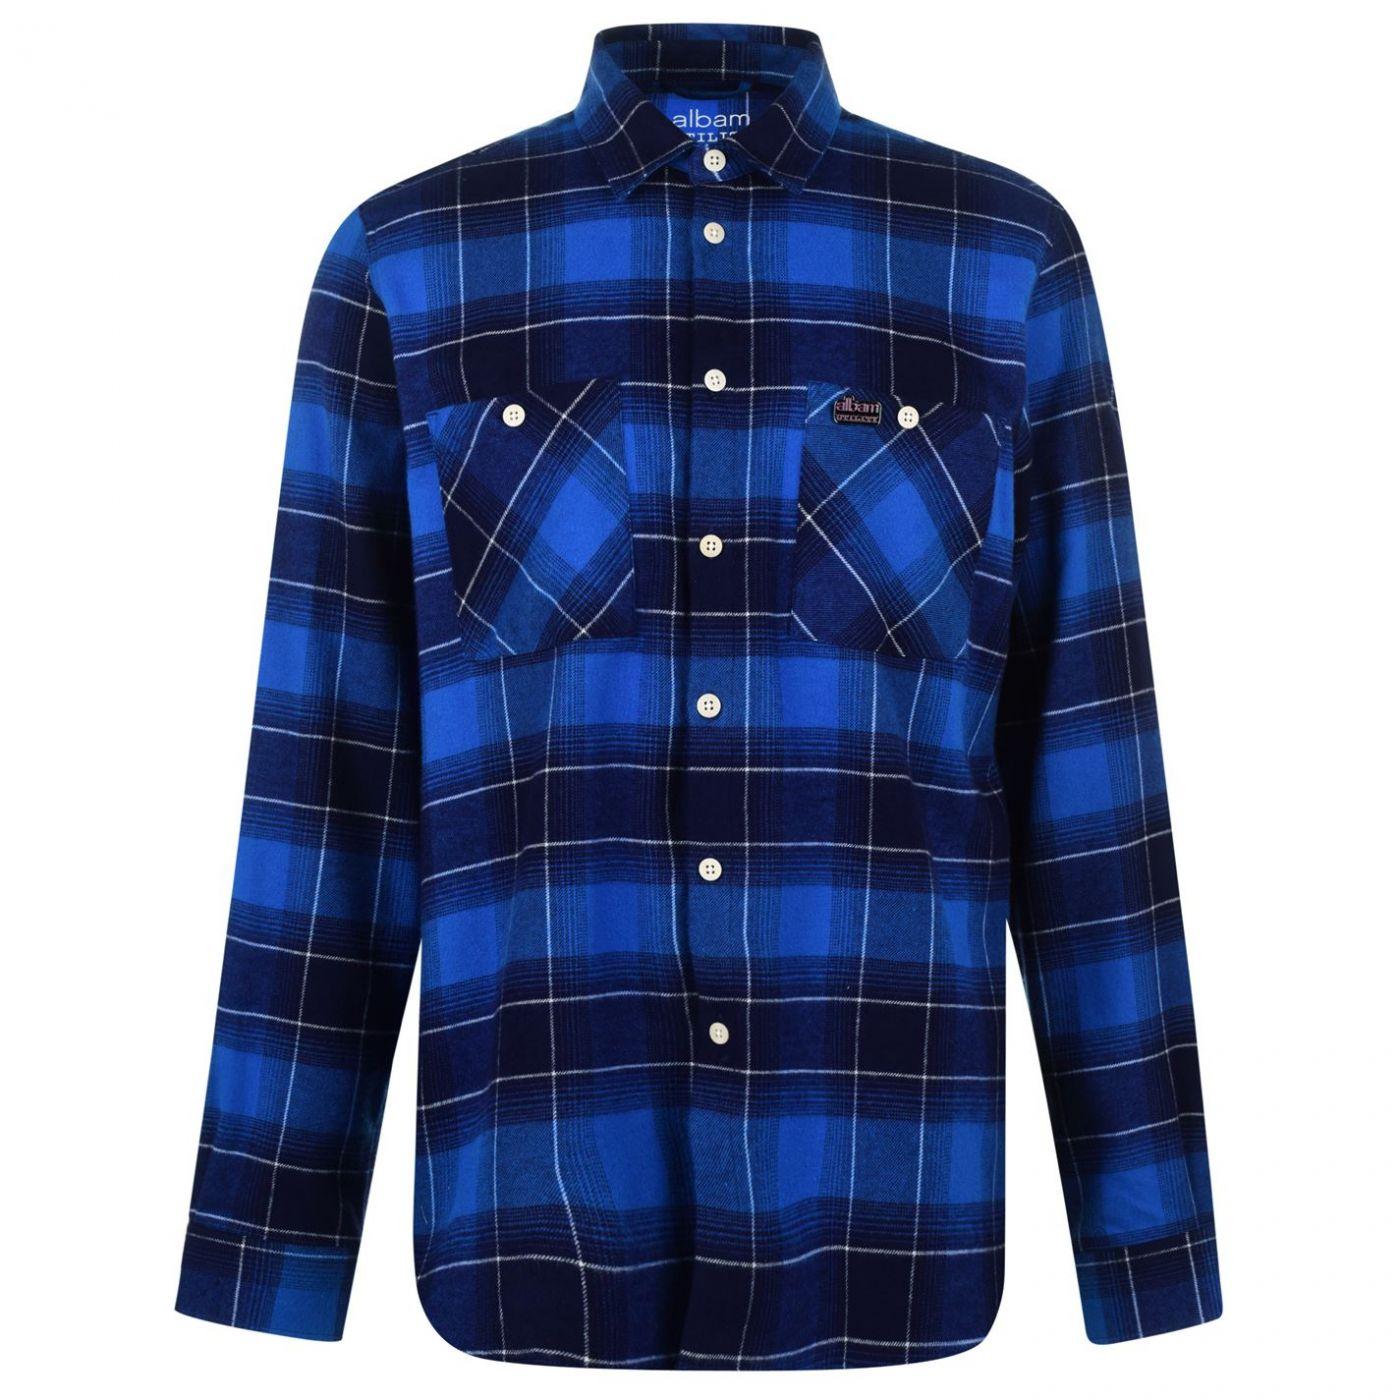 Albam Utility Check Shirt